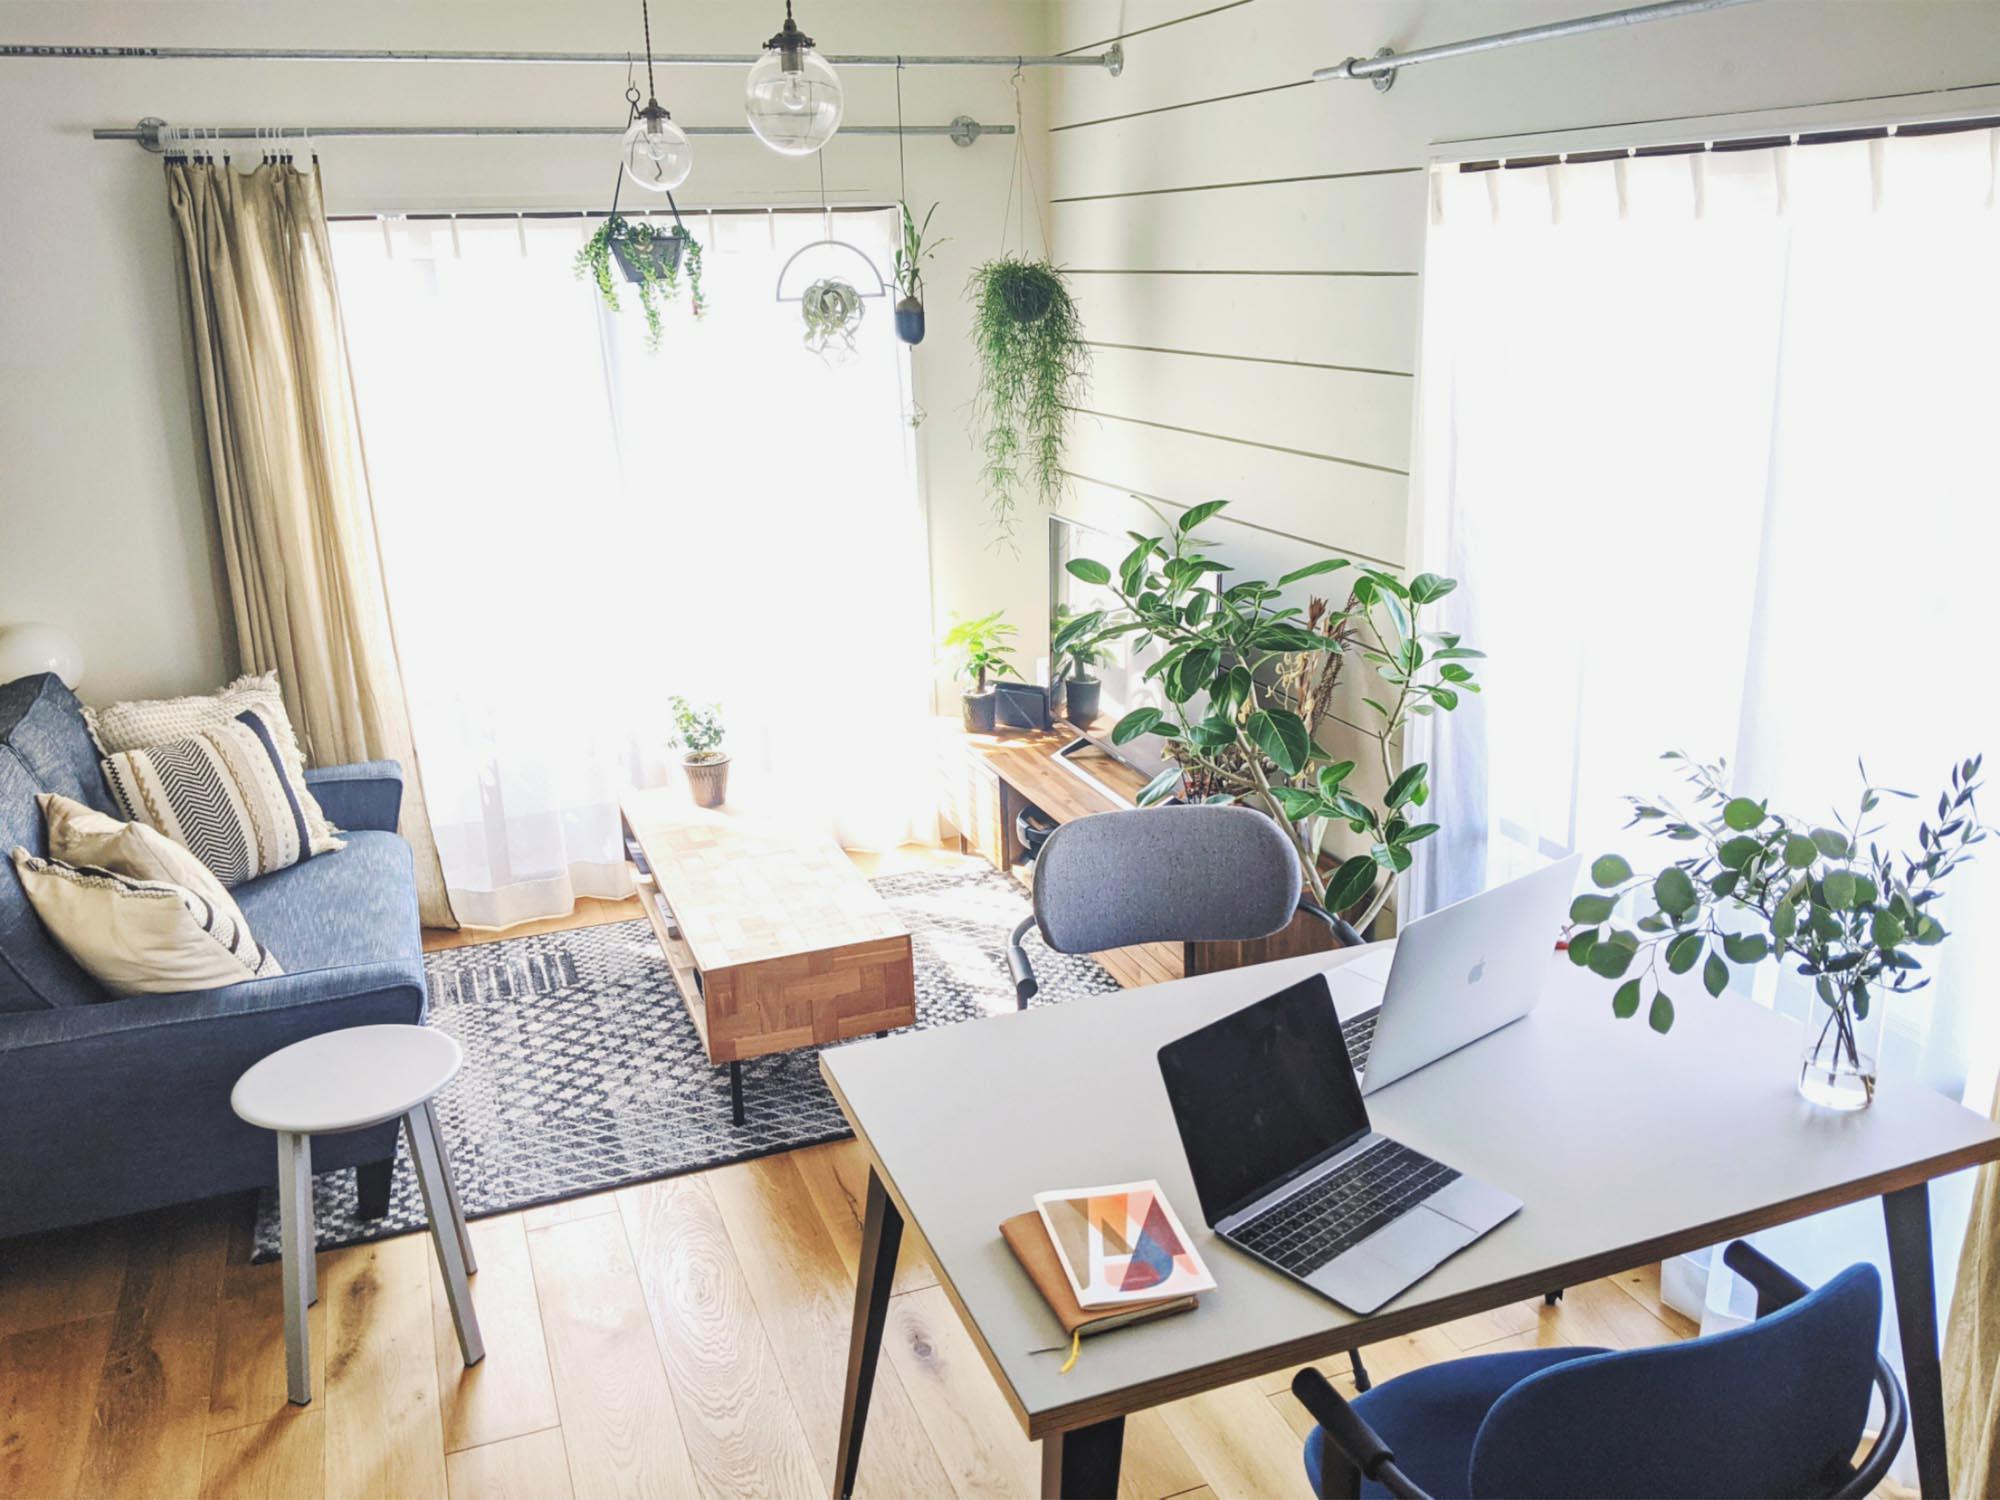 1LDKのリノベーション賃貸で、二人暮らしをしていらっしゃる岡田アコさん。 室内窓と、オークの無垢フローリングの落ち着いた雰囲気のお部屋です。間取りは42㎡の1LDK。11畳ほどのLDKは、二面に窓があってとても明るいです。